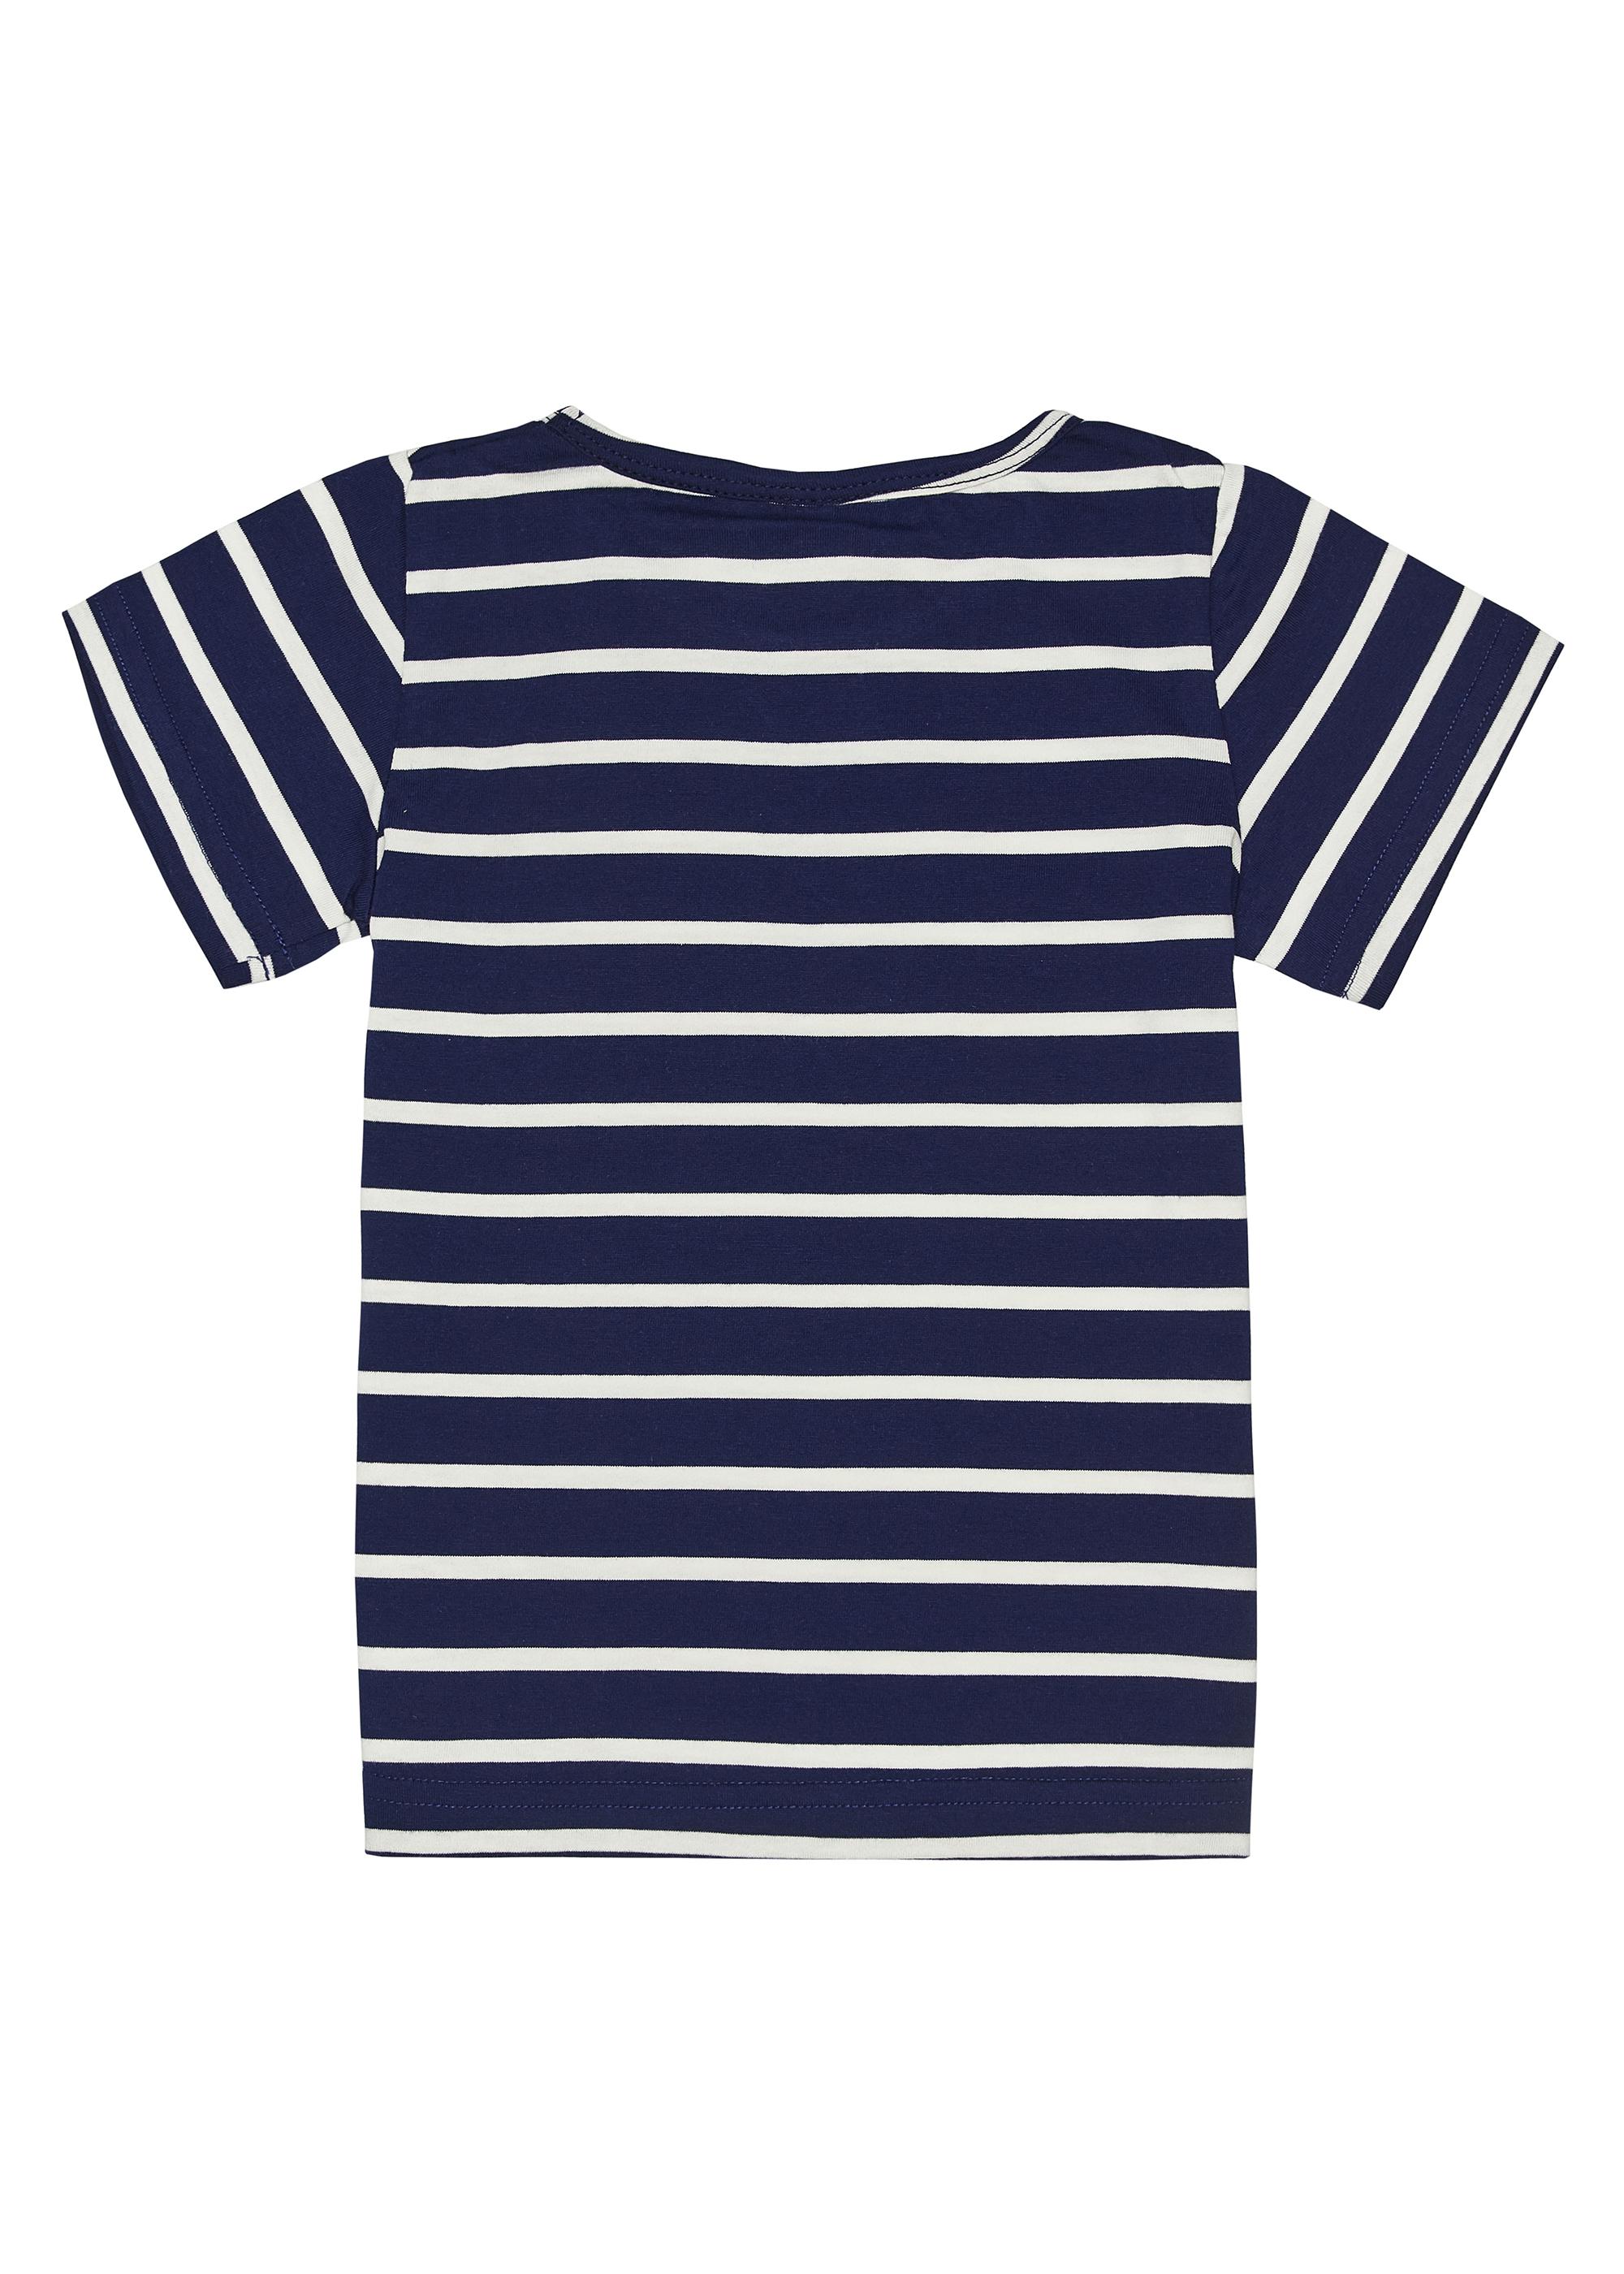 Dívčí tričko I love Paris - fuchsia Fuchsie, Navy/Bílá, Růžová